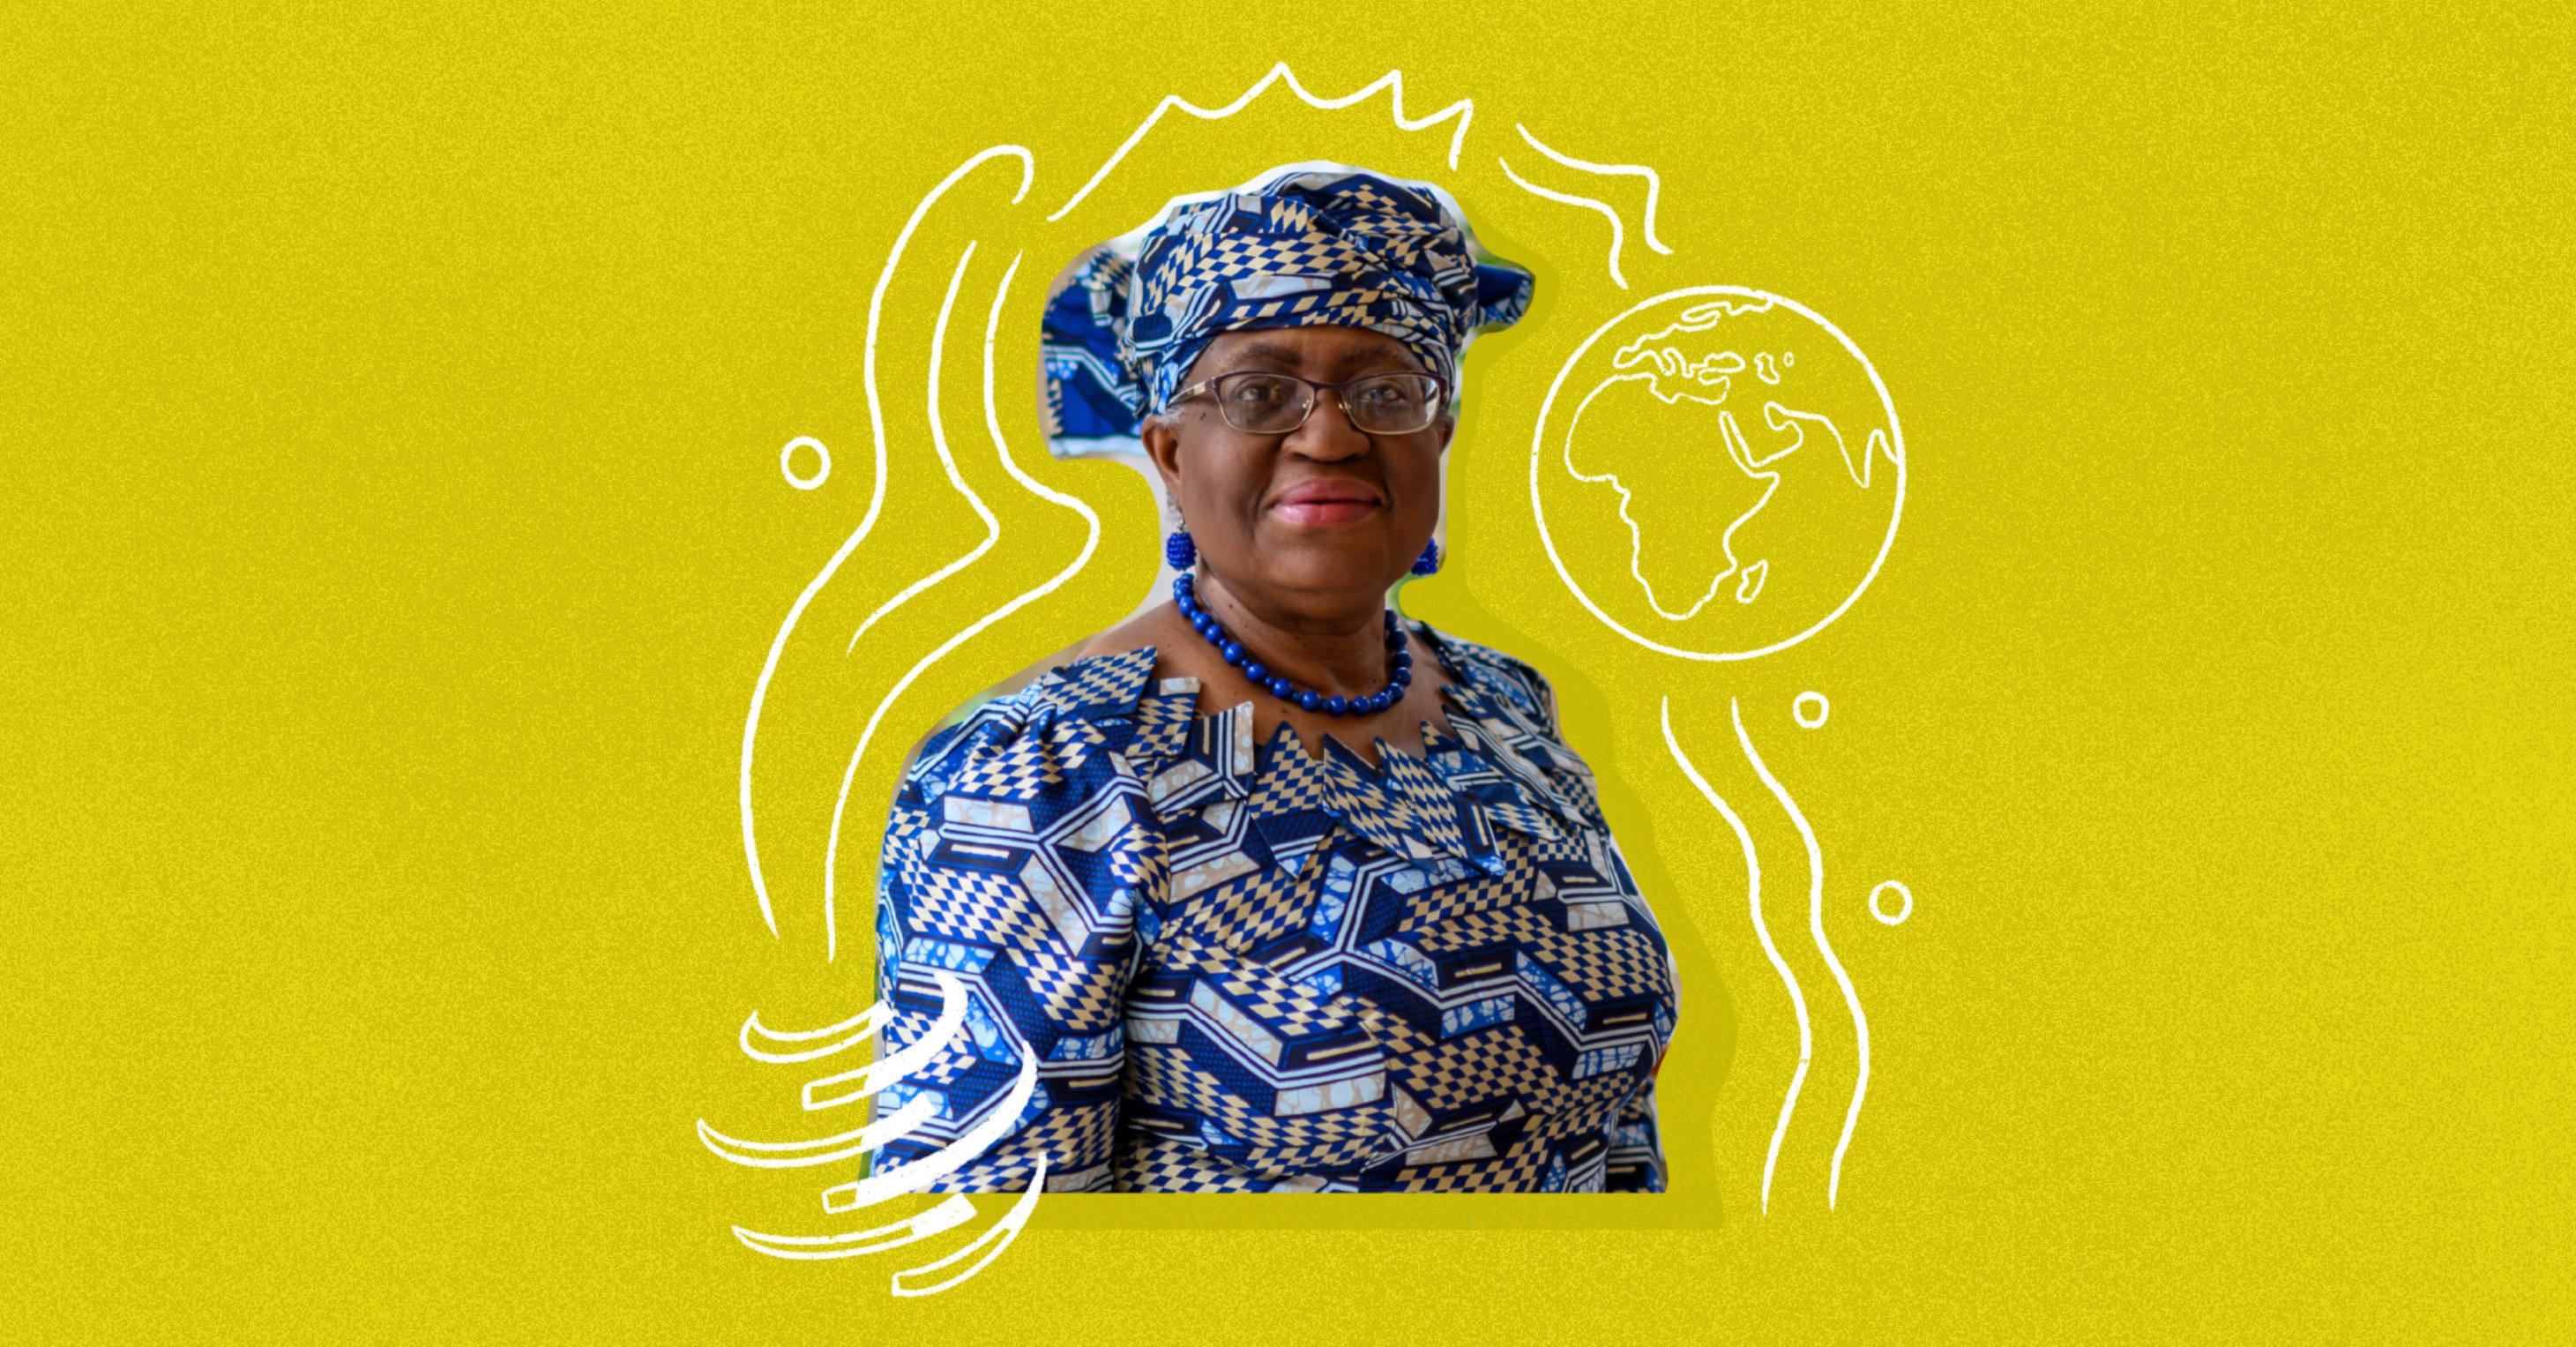 Photo illustration of Dr. Ngozi Okonjo-Iweala on a yellow background